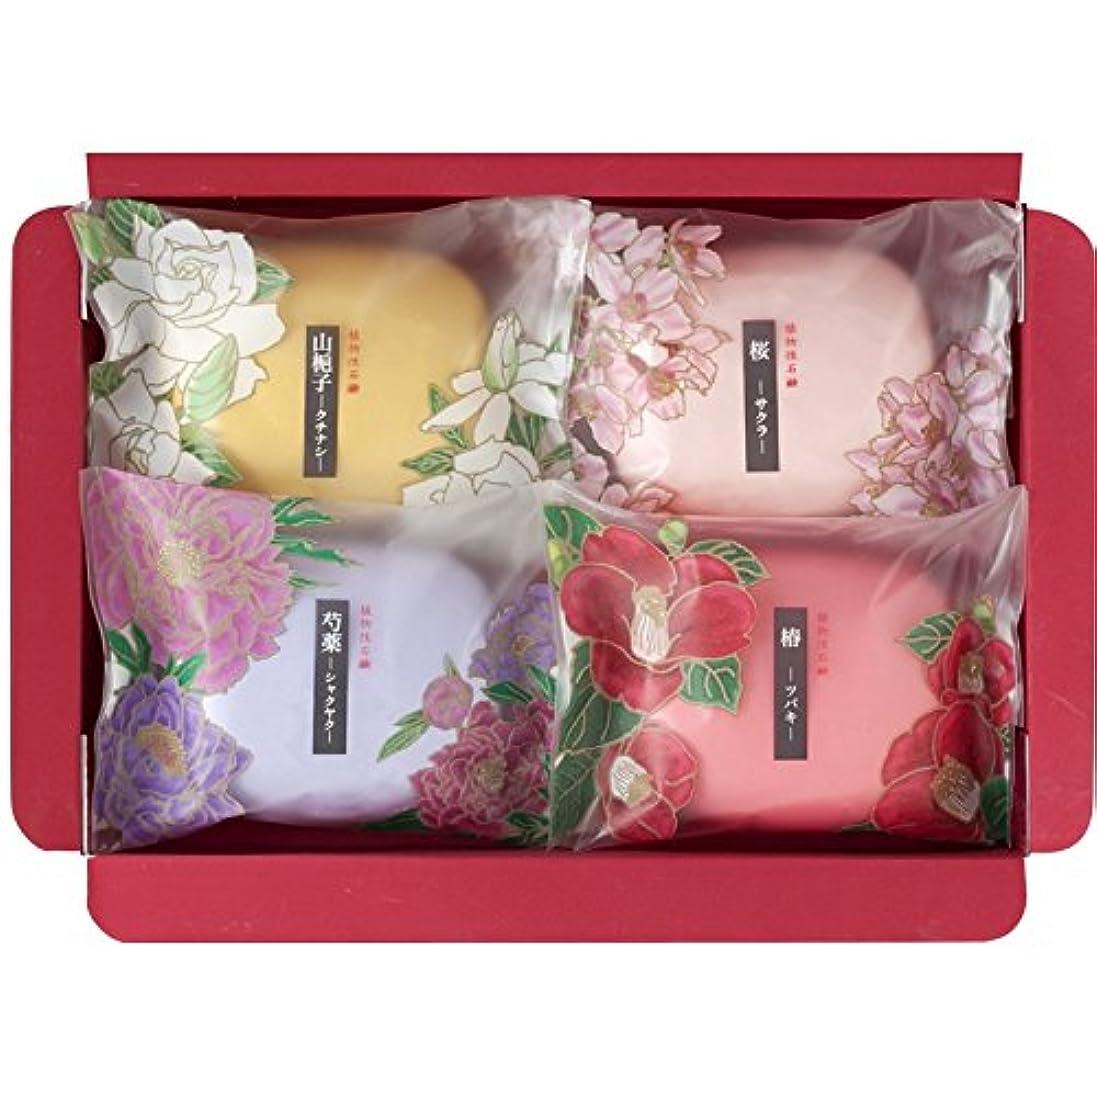 農業のメイド良心的彩花だより 【固形 ギフト せっけん あわ いい香り いい匂い うるおい プレゼント お風呂 かおり からだ きれい つめあわせ 日本製 国産 500】